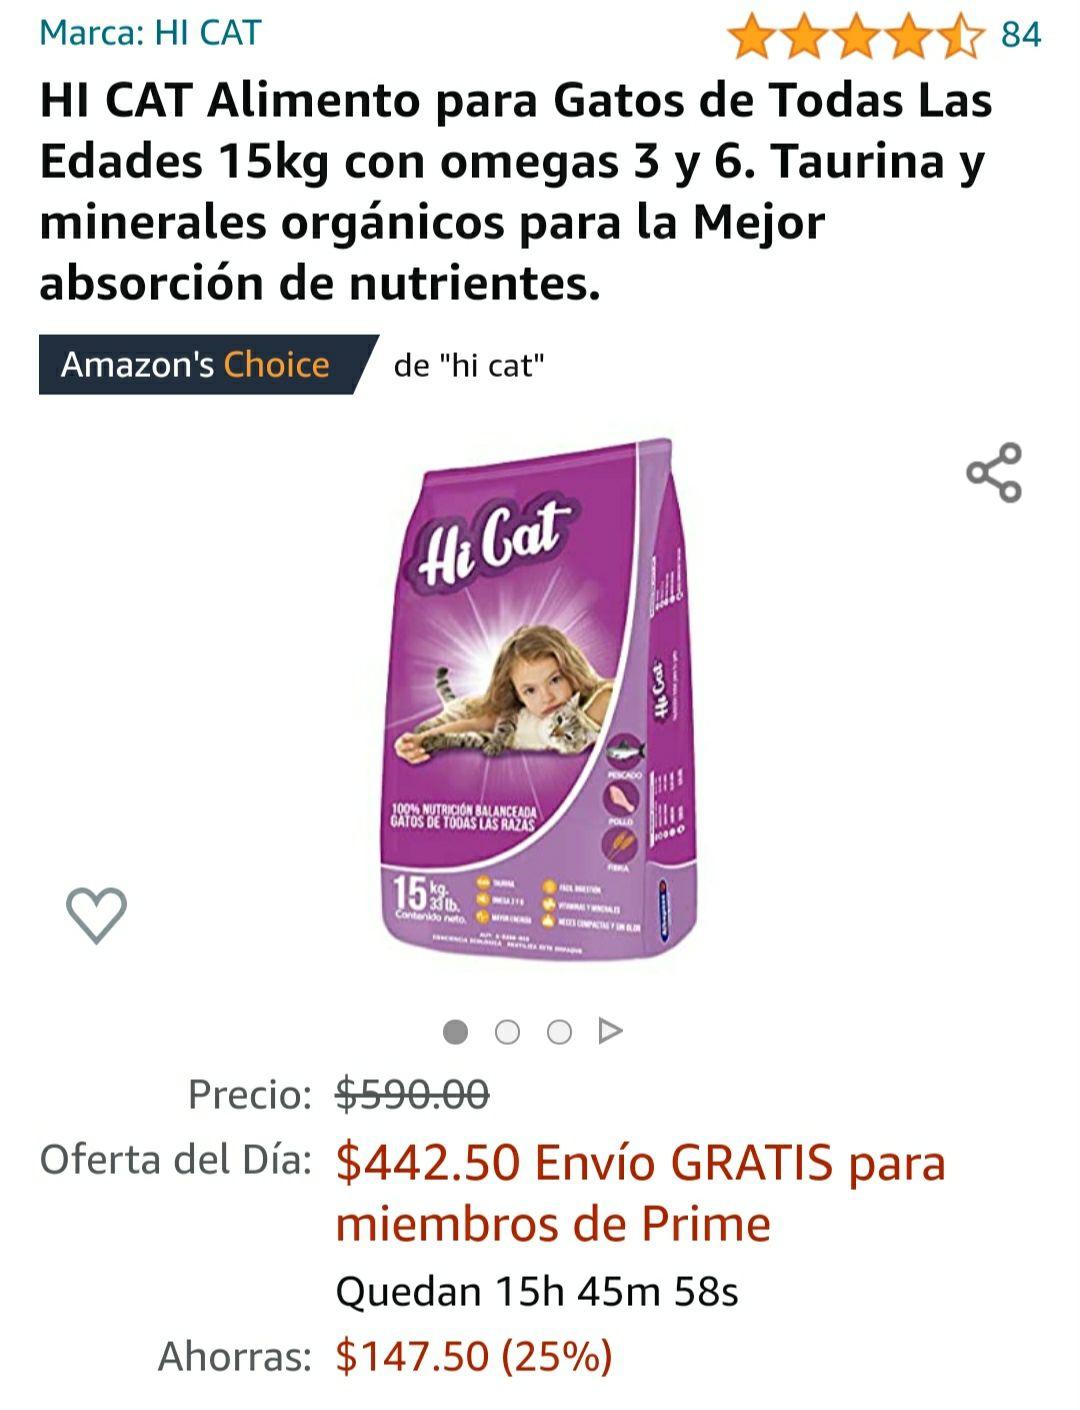 Amazon HI CAT Alimento para Gatos de Todas Las Edades 15kg croquetas